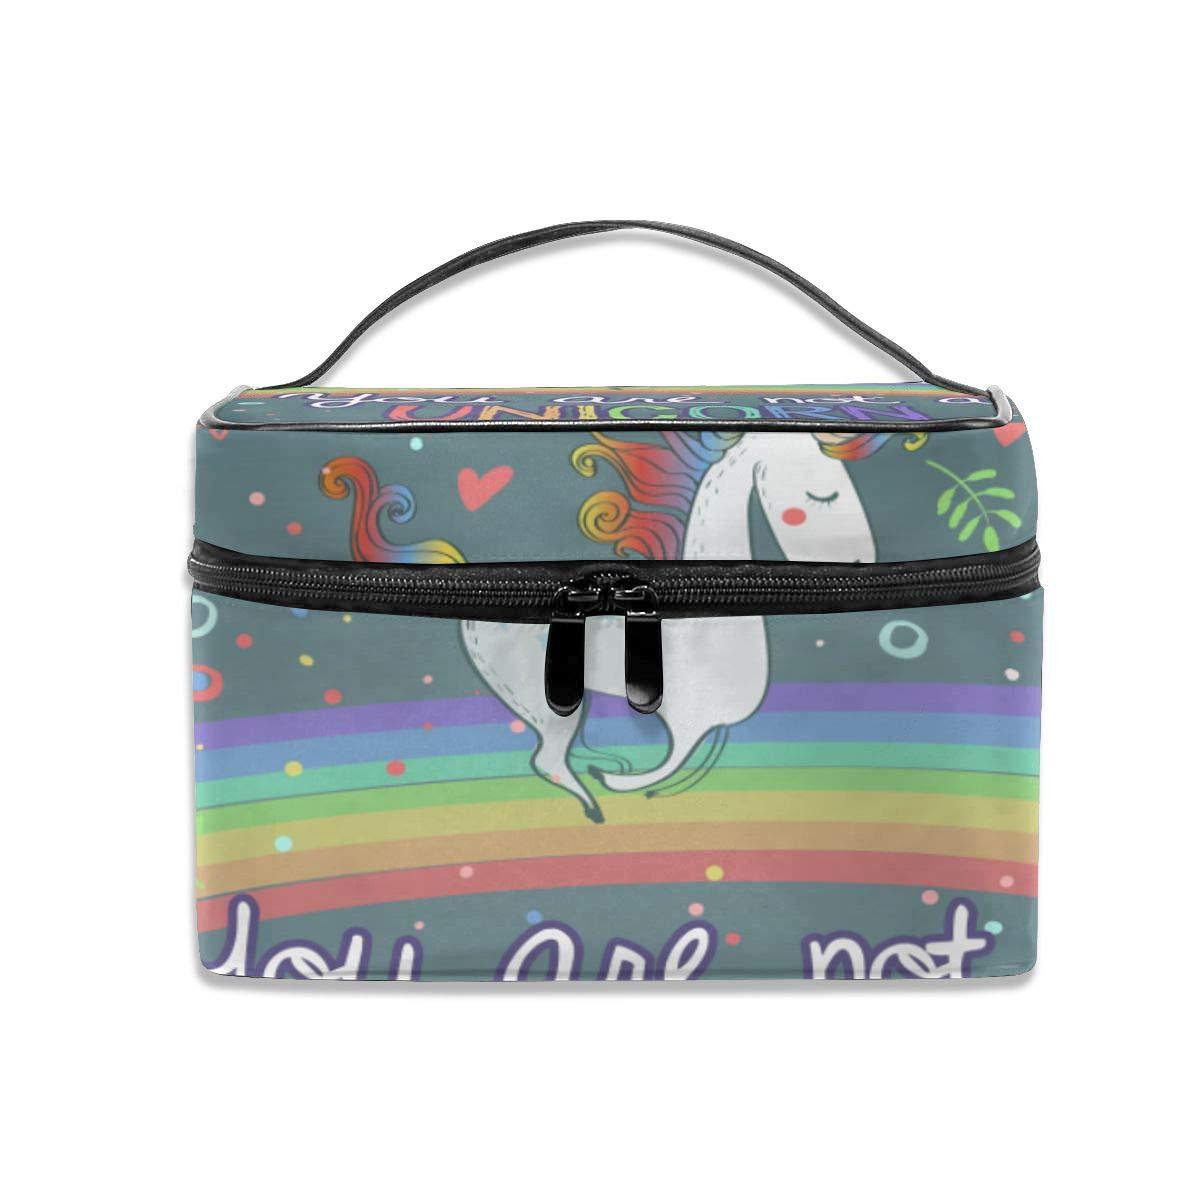 遠足欠如狂気Yanzhaotushu Design Name メイクボックス 旅行用化粧ケース メイクブラシ コスメ バッグ 小物入れ 収納 大容量 便利 女の子